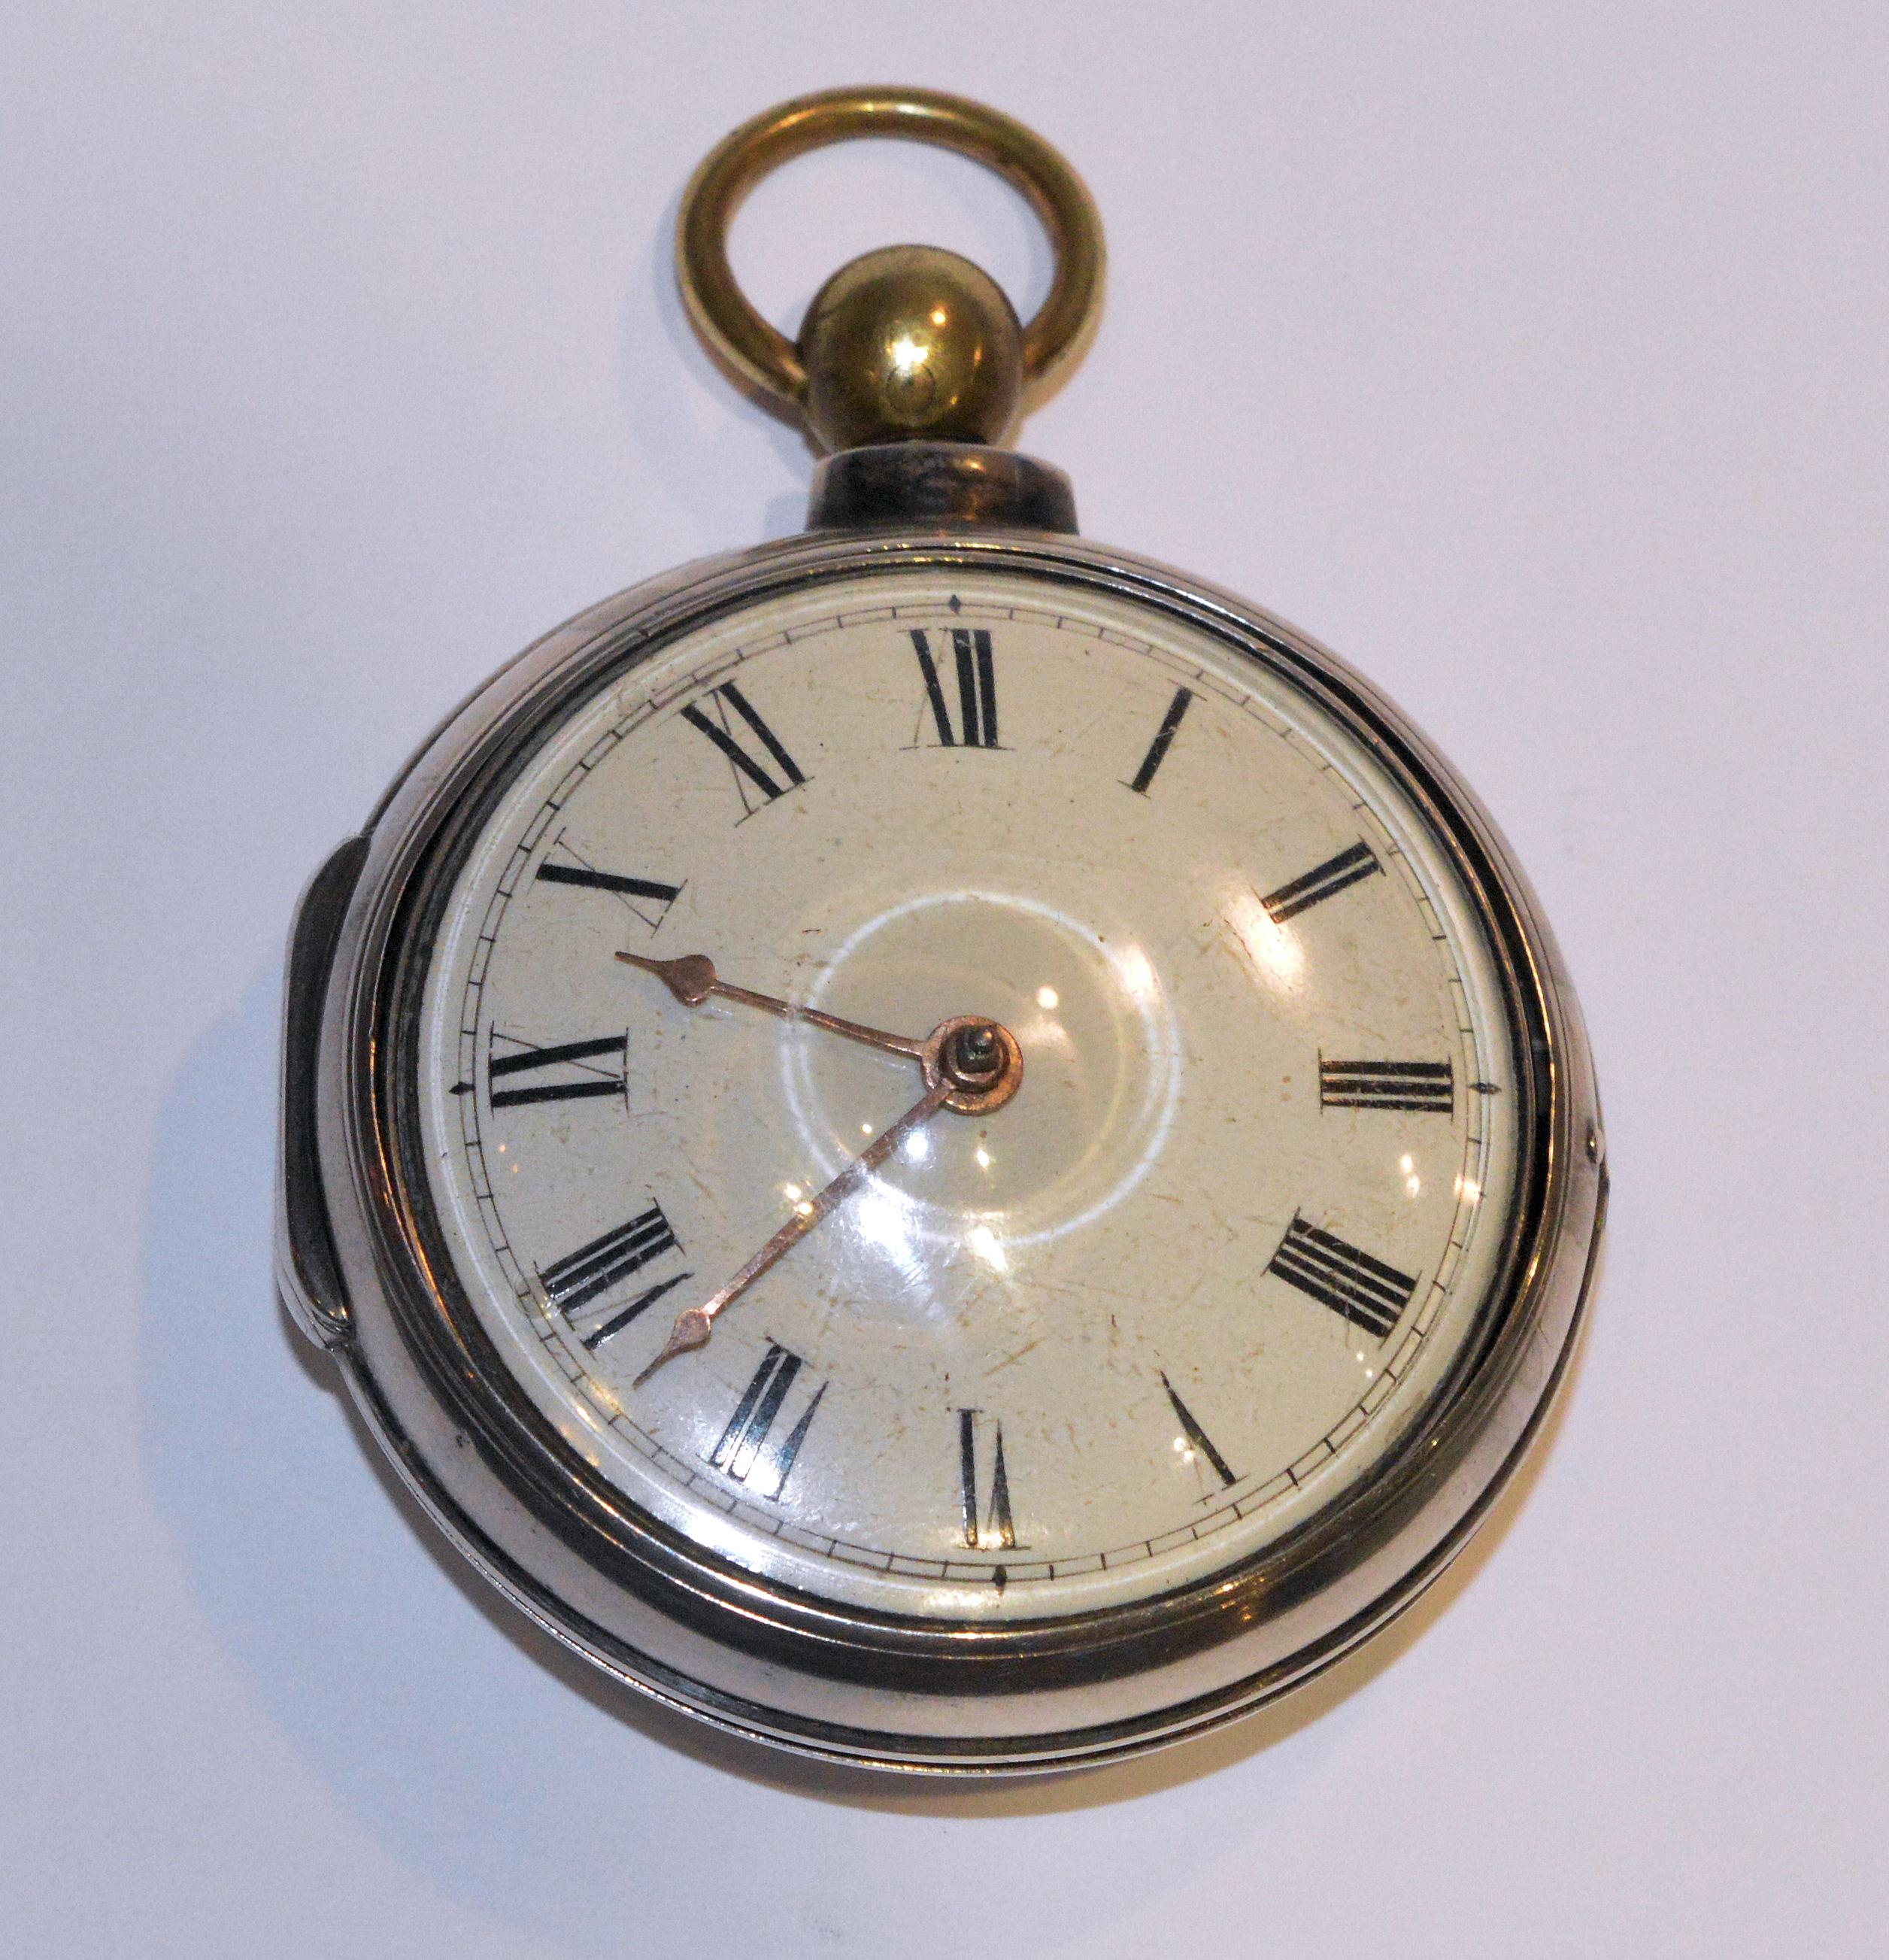 SOLD – Erotic pocket watch, fusee movement, circa 1813 – Moore, Derby.